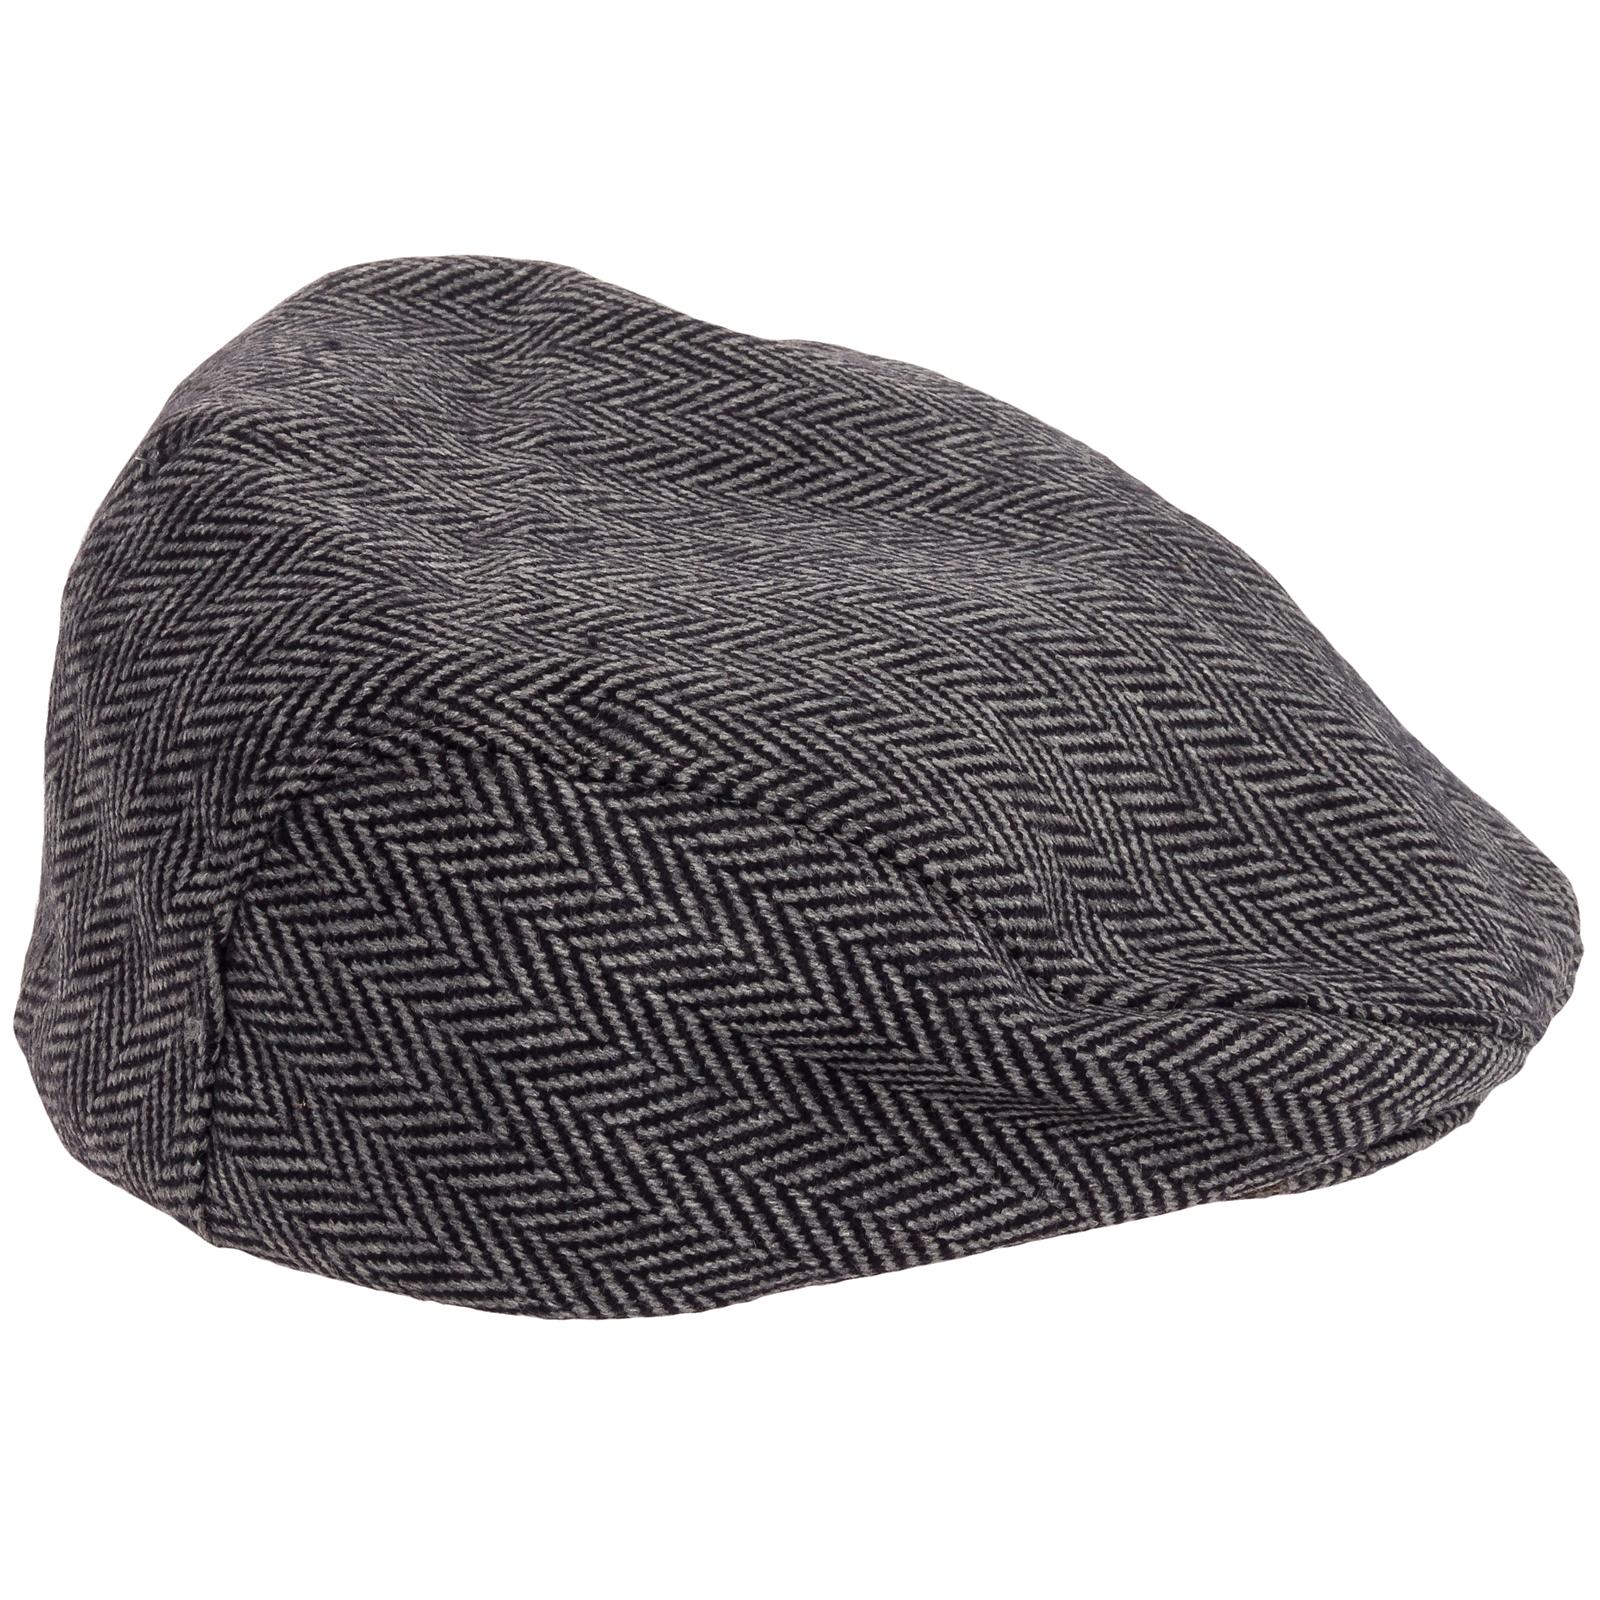 Broner Hats: Broner-Mens-Wool-Herringbone-Ear-Flap-Ivy-Scally-Driver